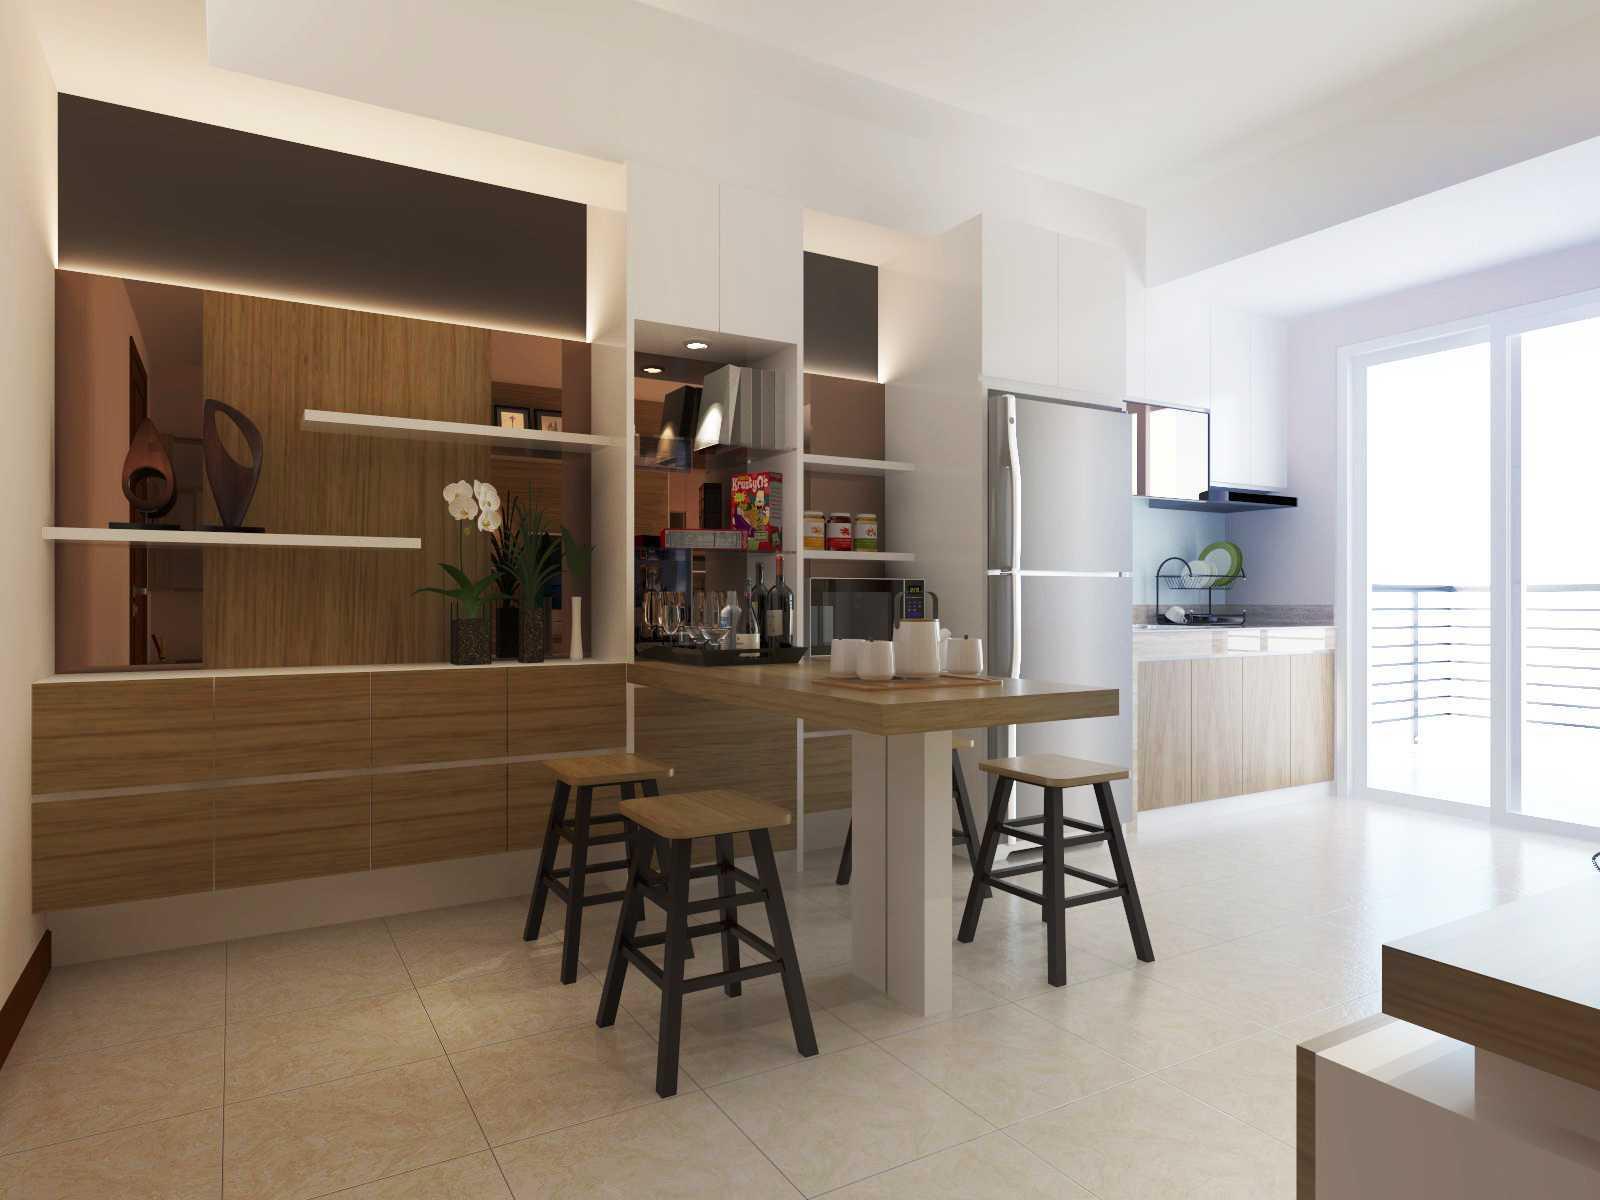 Mbartliving Interior Apartment Mediterania   Mbartliving-Interior-Apartment-Mediterania Minimalist <P>Mini Pantry</p> 56457